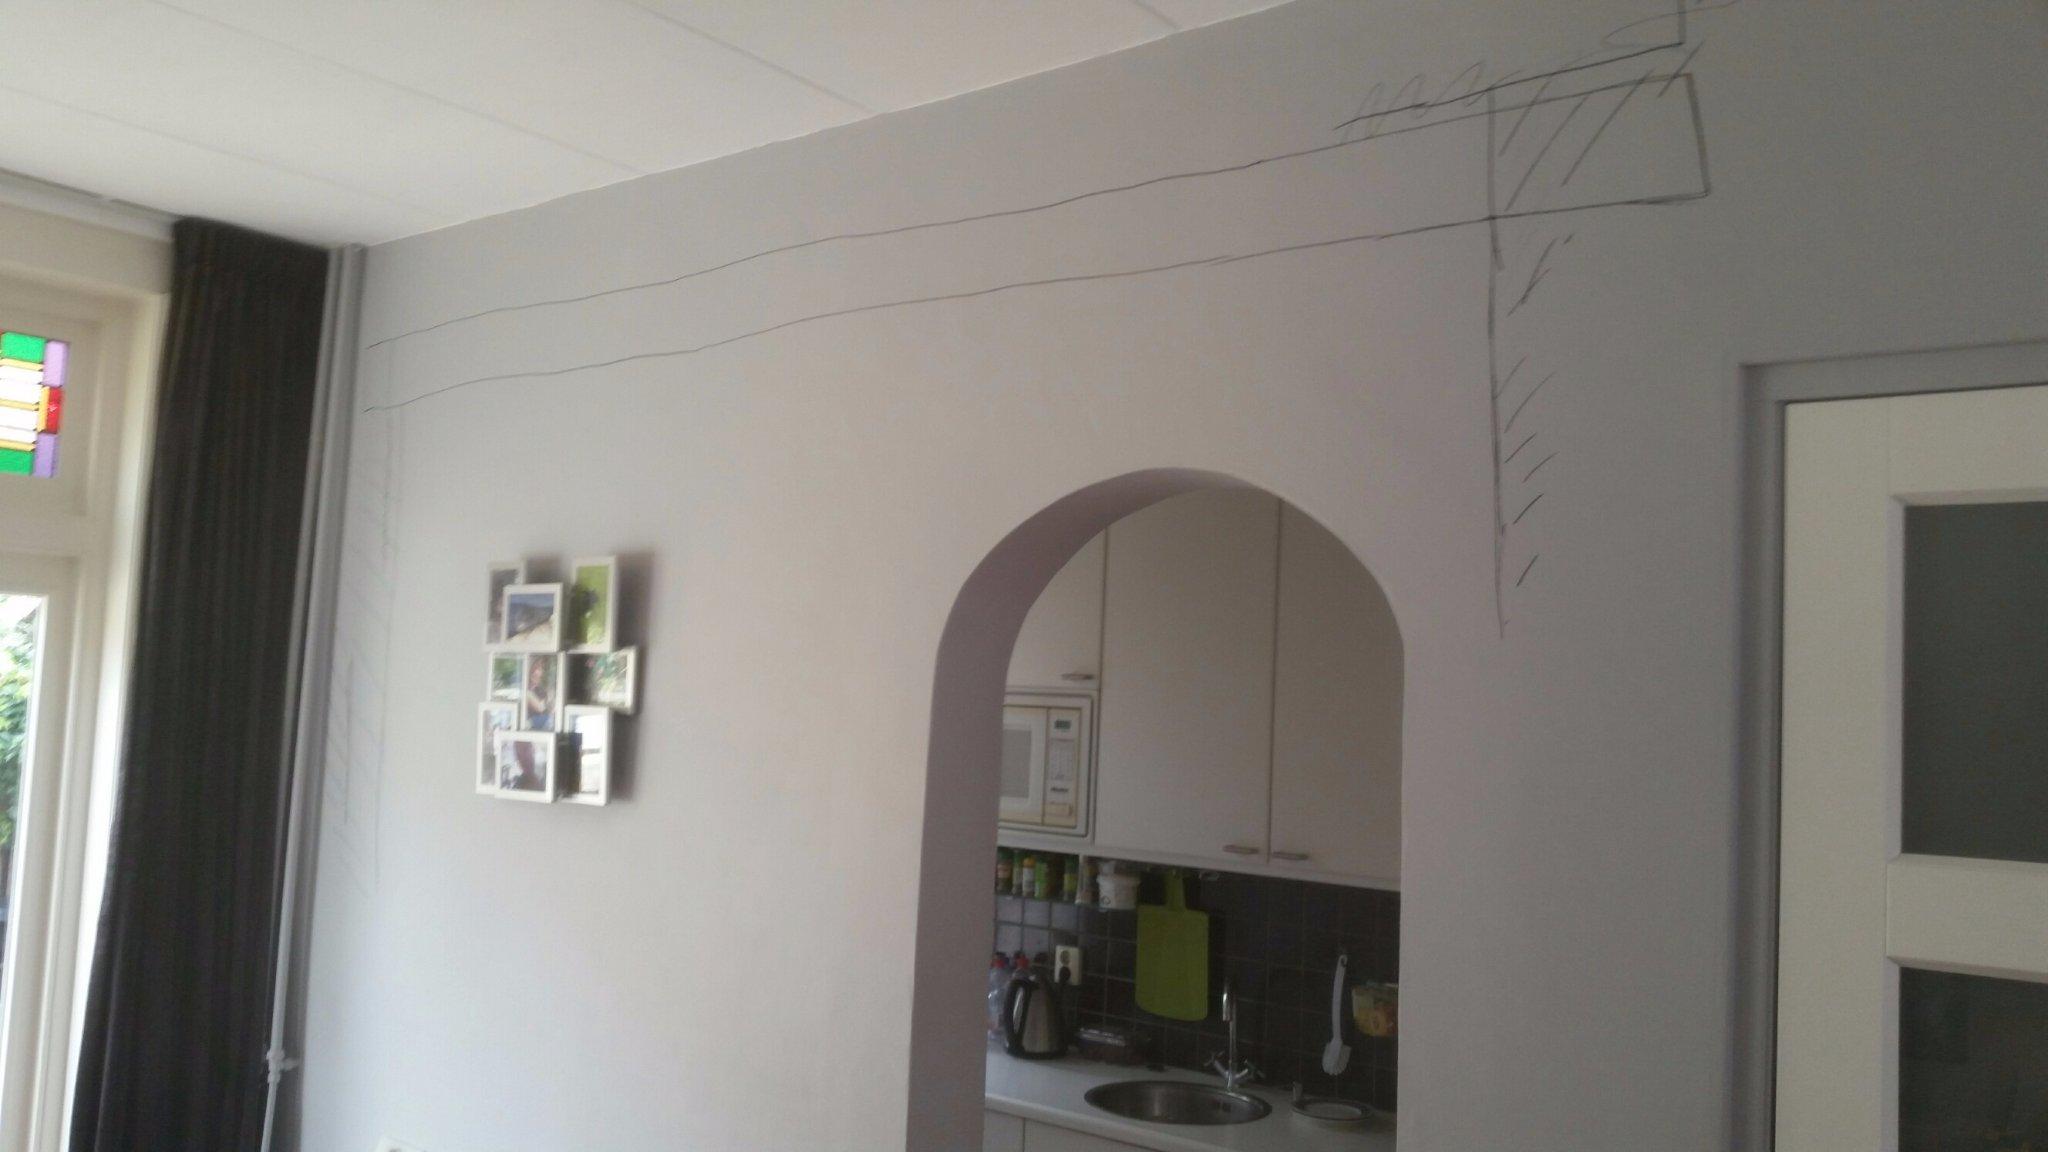 Draagmuur keuken woonkamer verwijderen werkspot